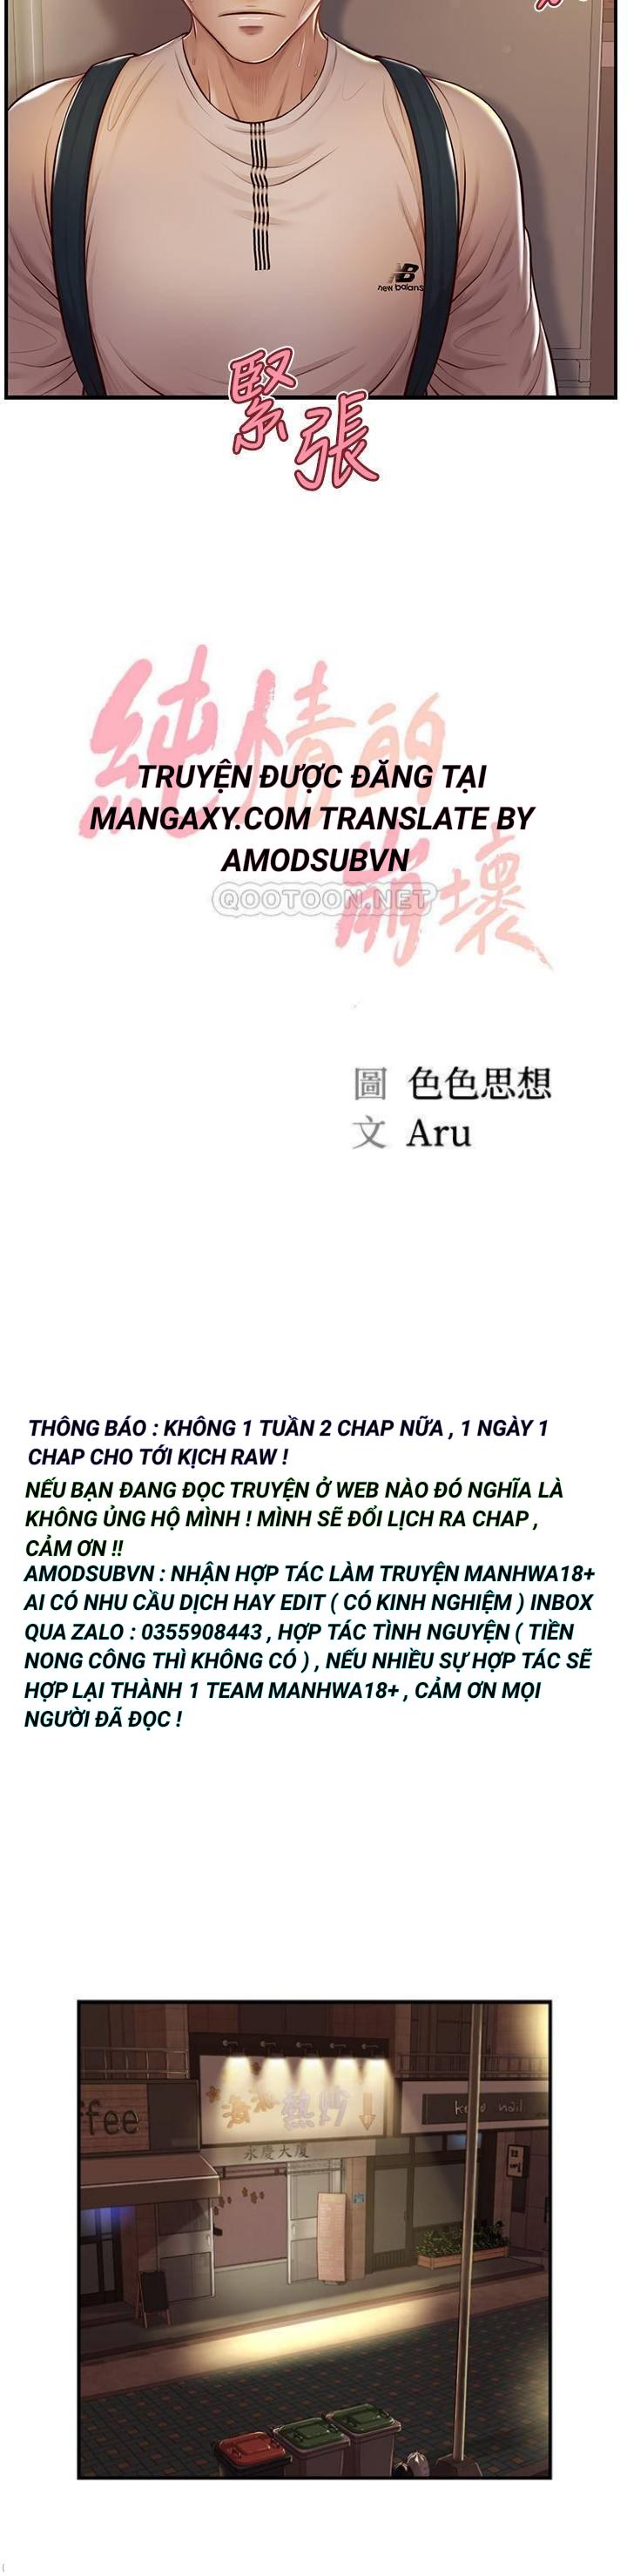 Thanh Niên Trong Sáng chapter 3 - Trang 2